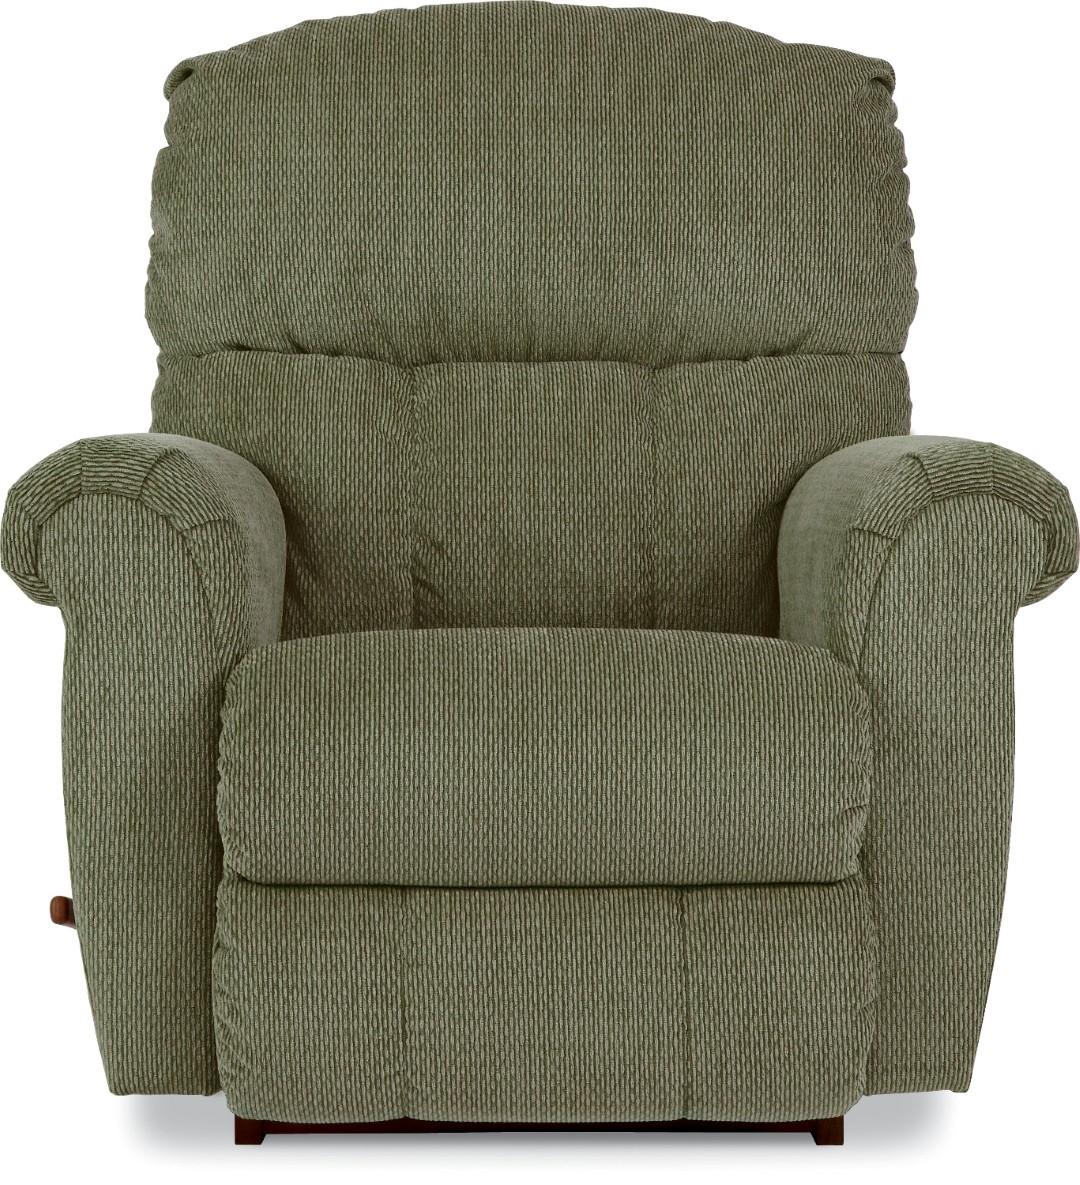 La Z Boy Briggs Reclining Sofa